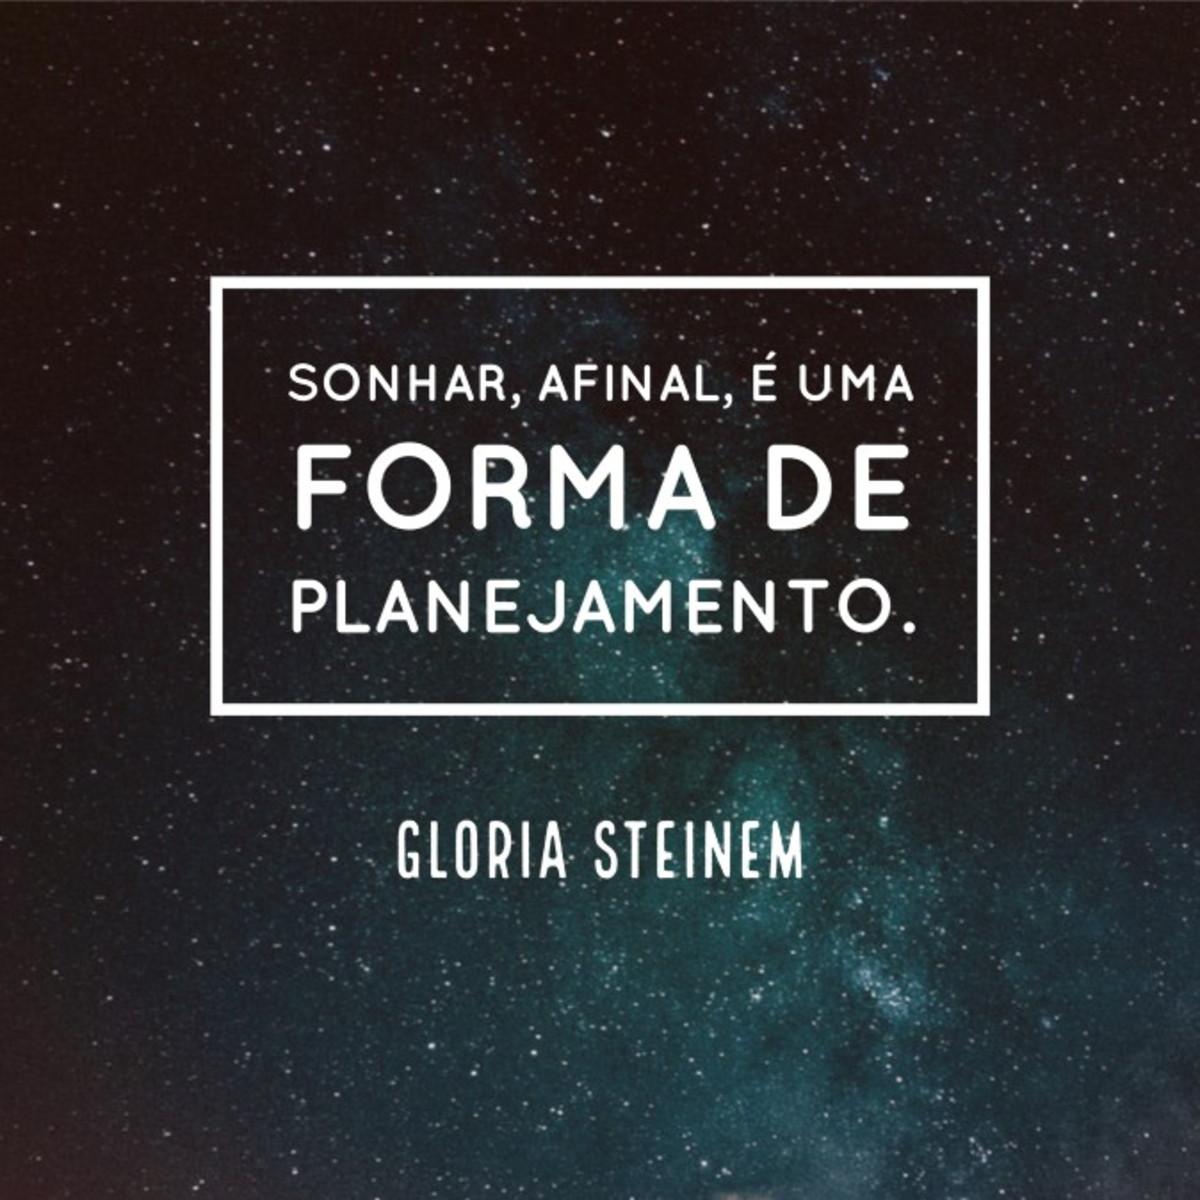 Quadro Forma De Planejamento Por Gloria Steinem